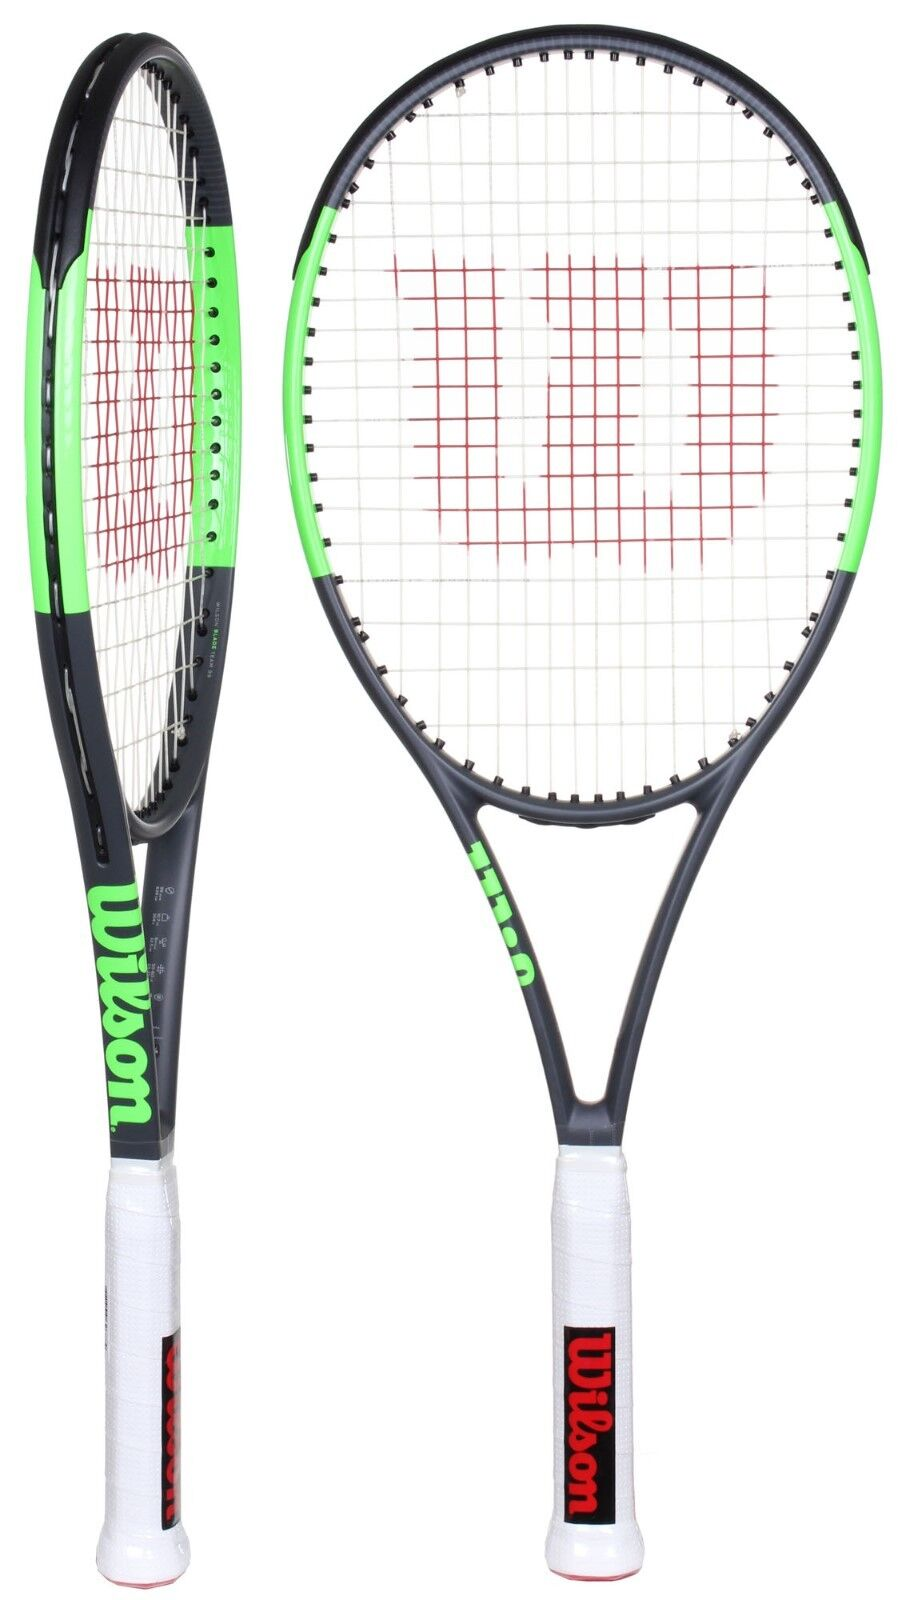 Wilson Hoja Equipo 99 Lite Tenis Raqueta - 4 1 4 - libre encadena Y Grip